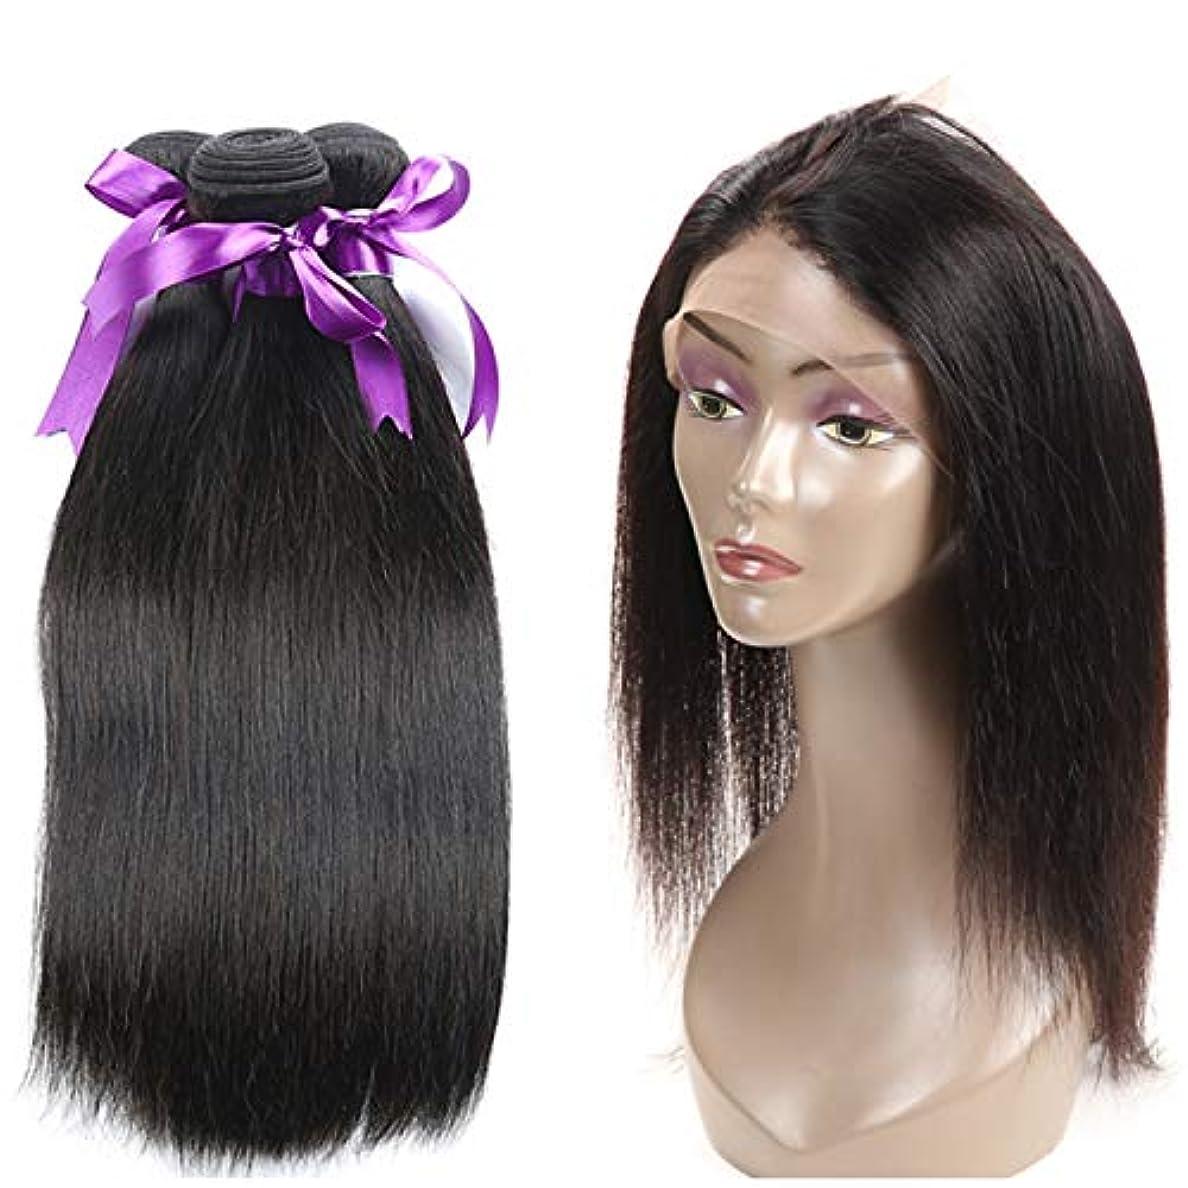 絡み合いバケツ面白いかつら ブラジルストレートヘア360レース前頭葉付き非レミー人間の髪の毛3バンドル360前頭人間の髪の毛のかつら (Length : 14 14 16 Closure12)